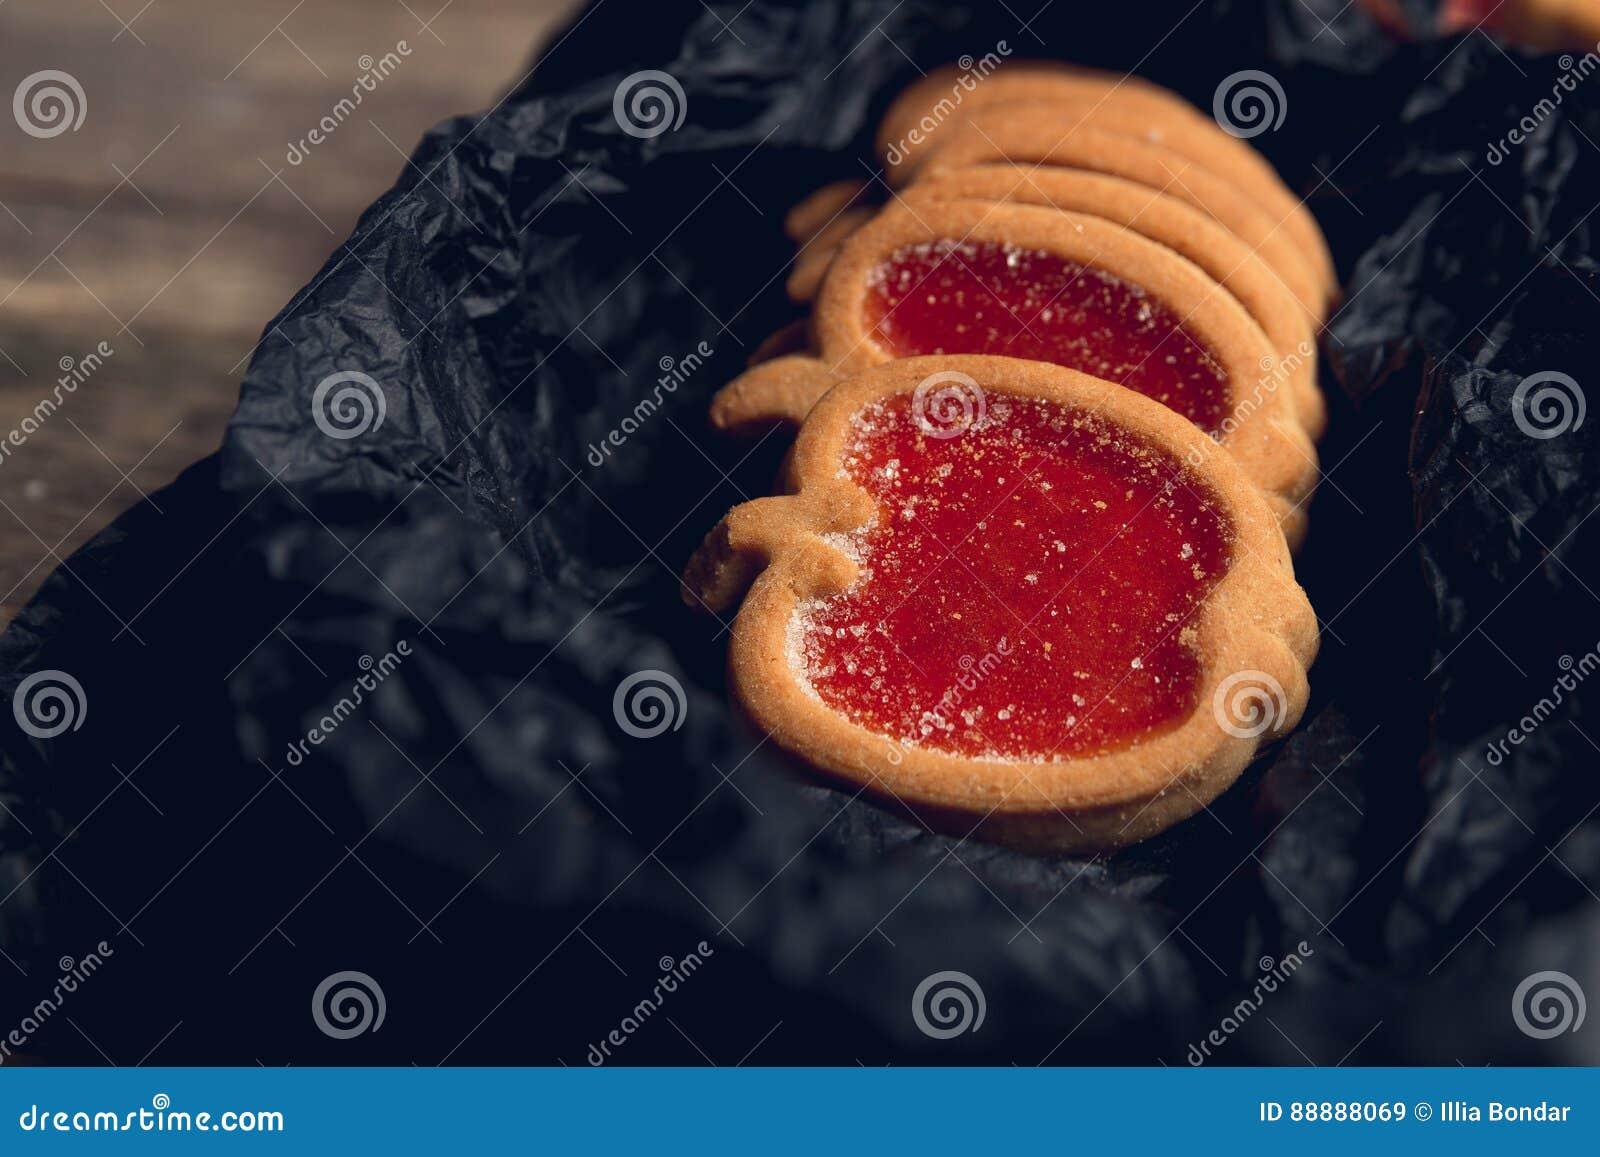 曲奇饼,饼干充满红草莓